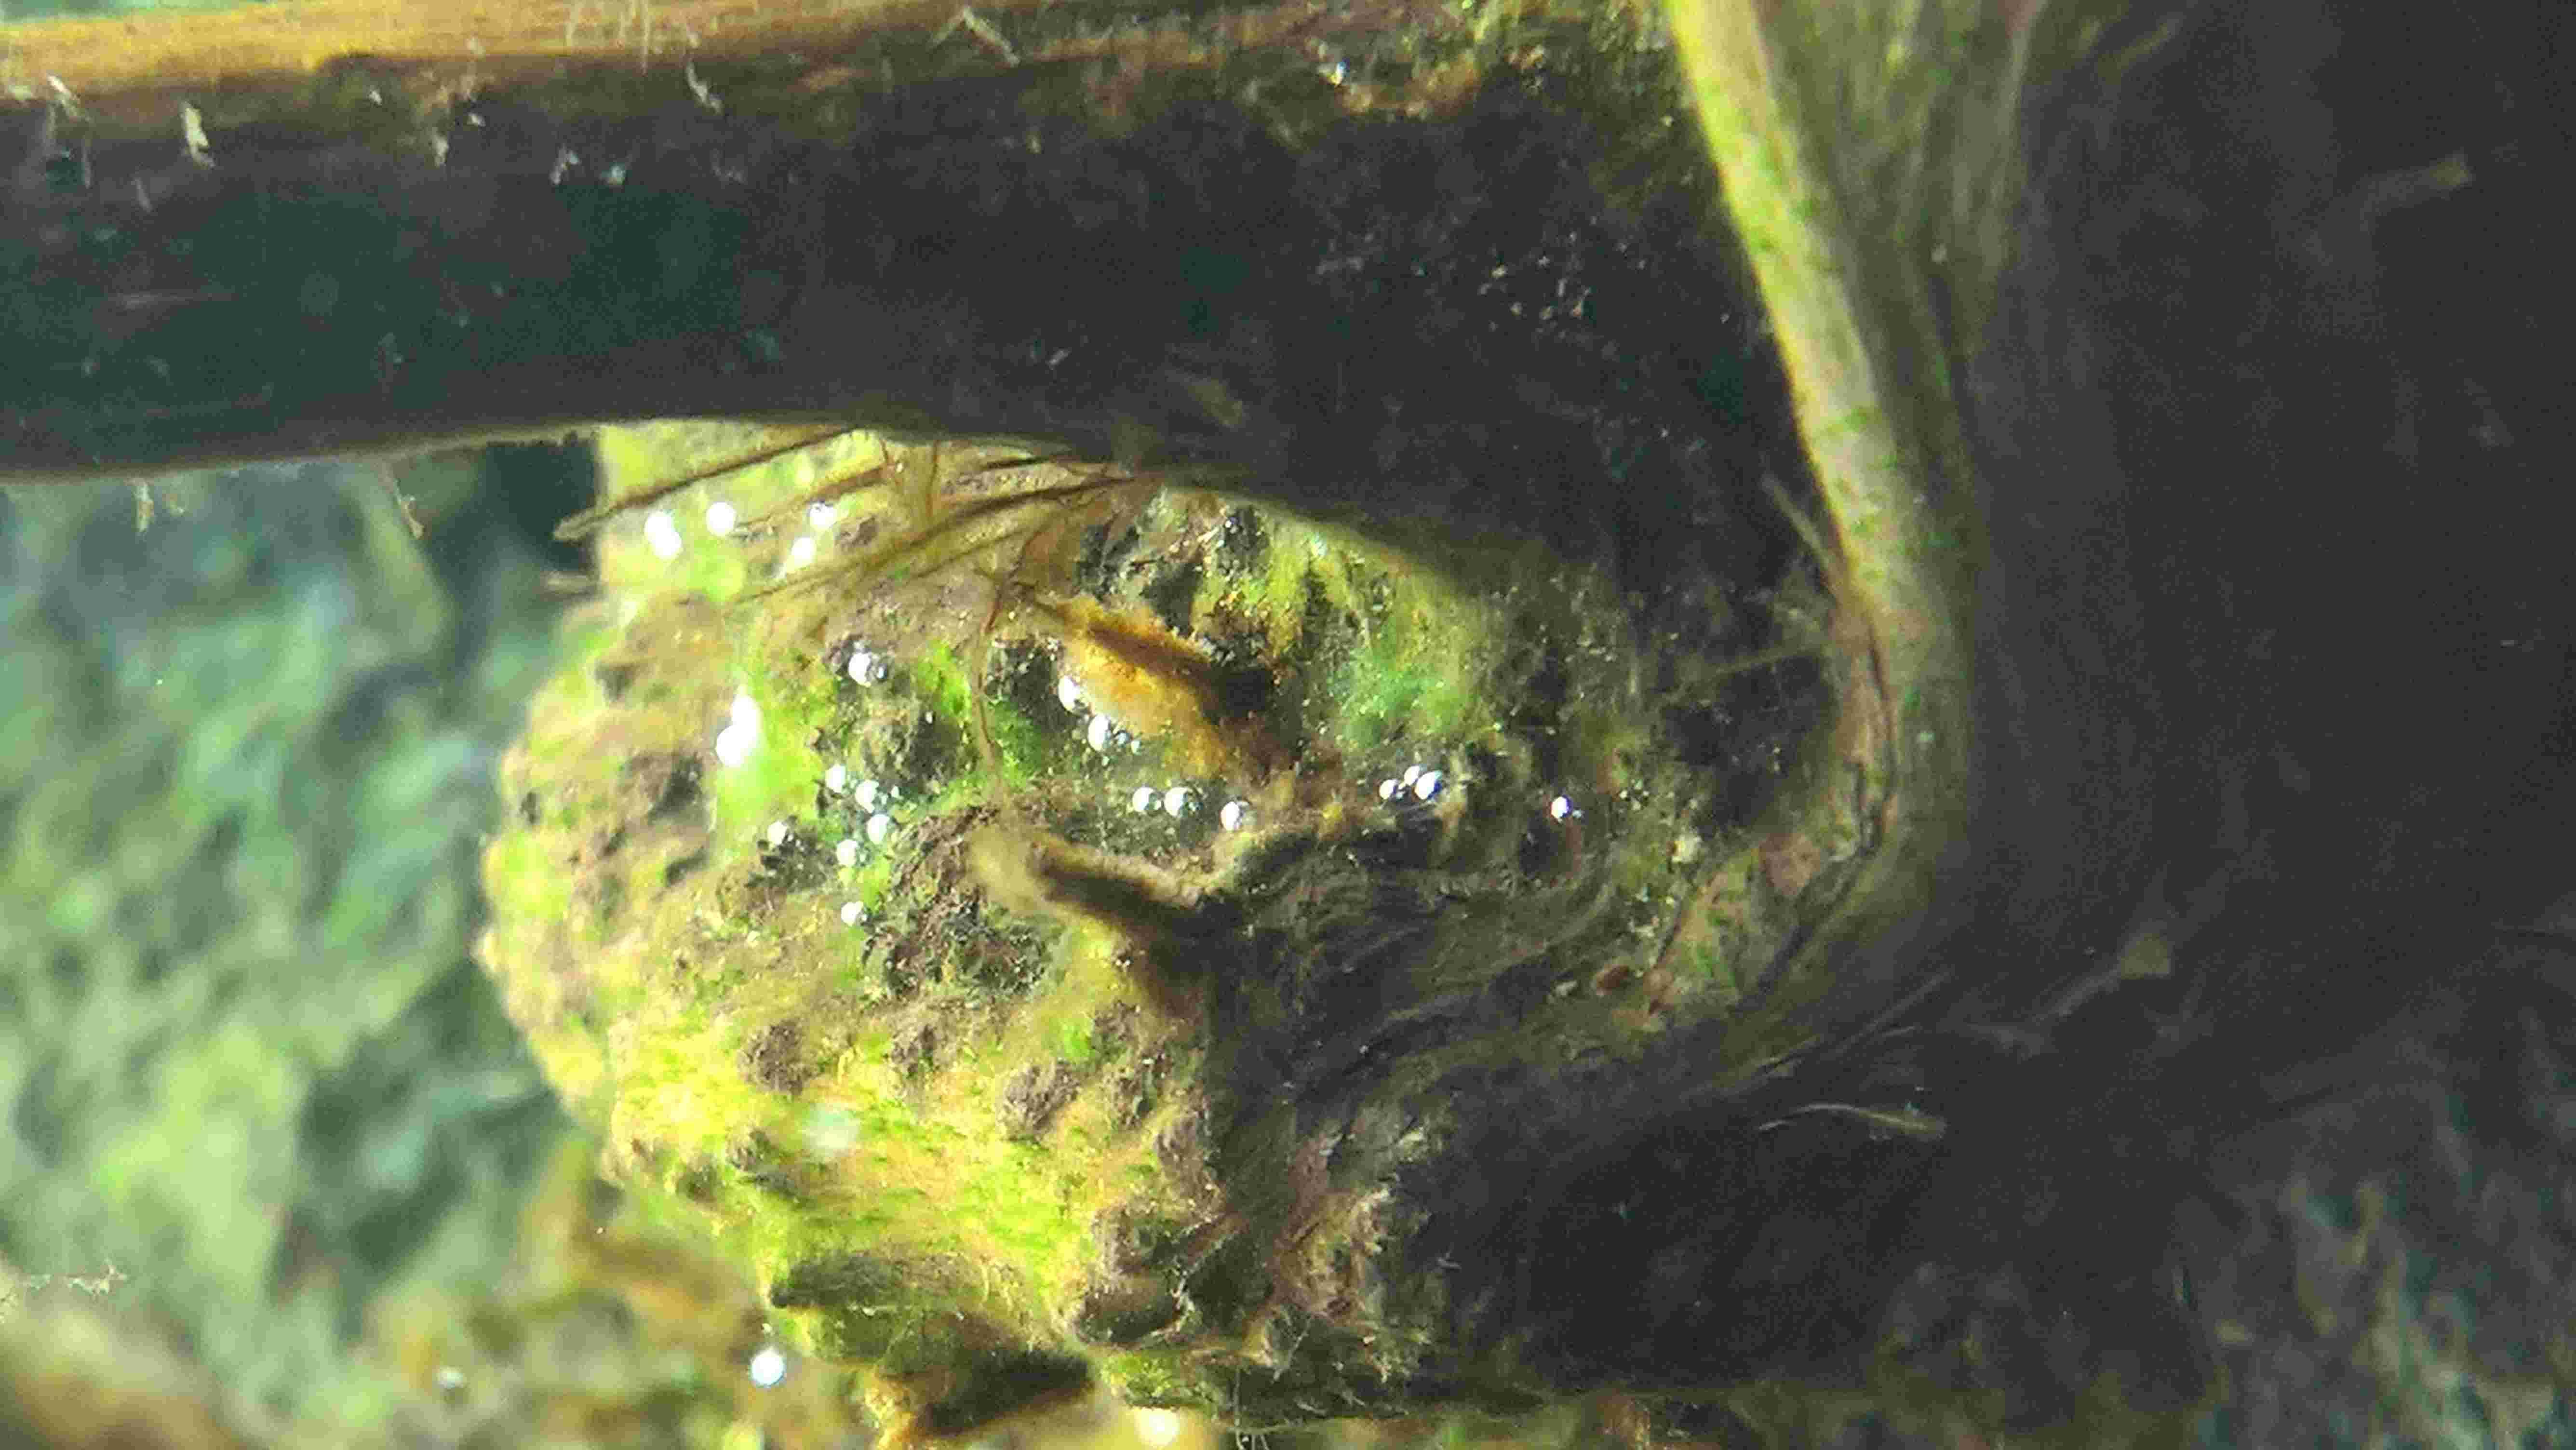 [projet en cours] Bac afri-hollandais - Hemichromis lifalili Wp_20111